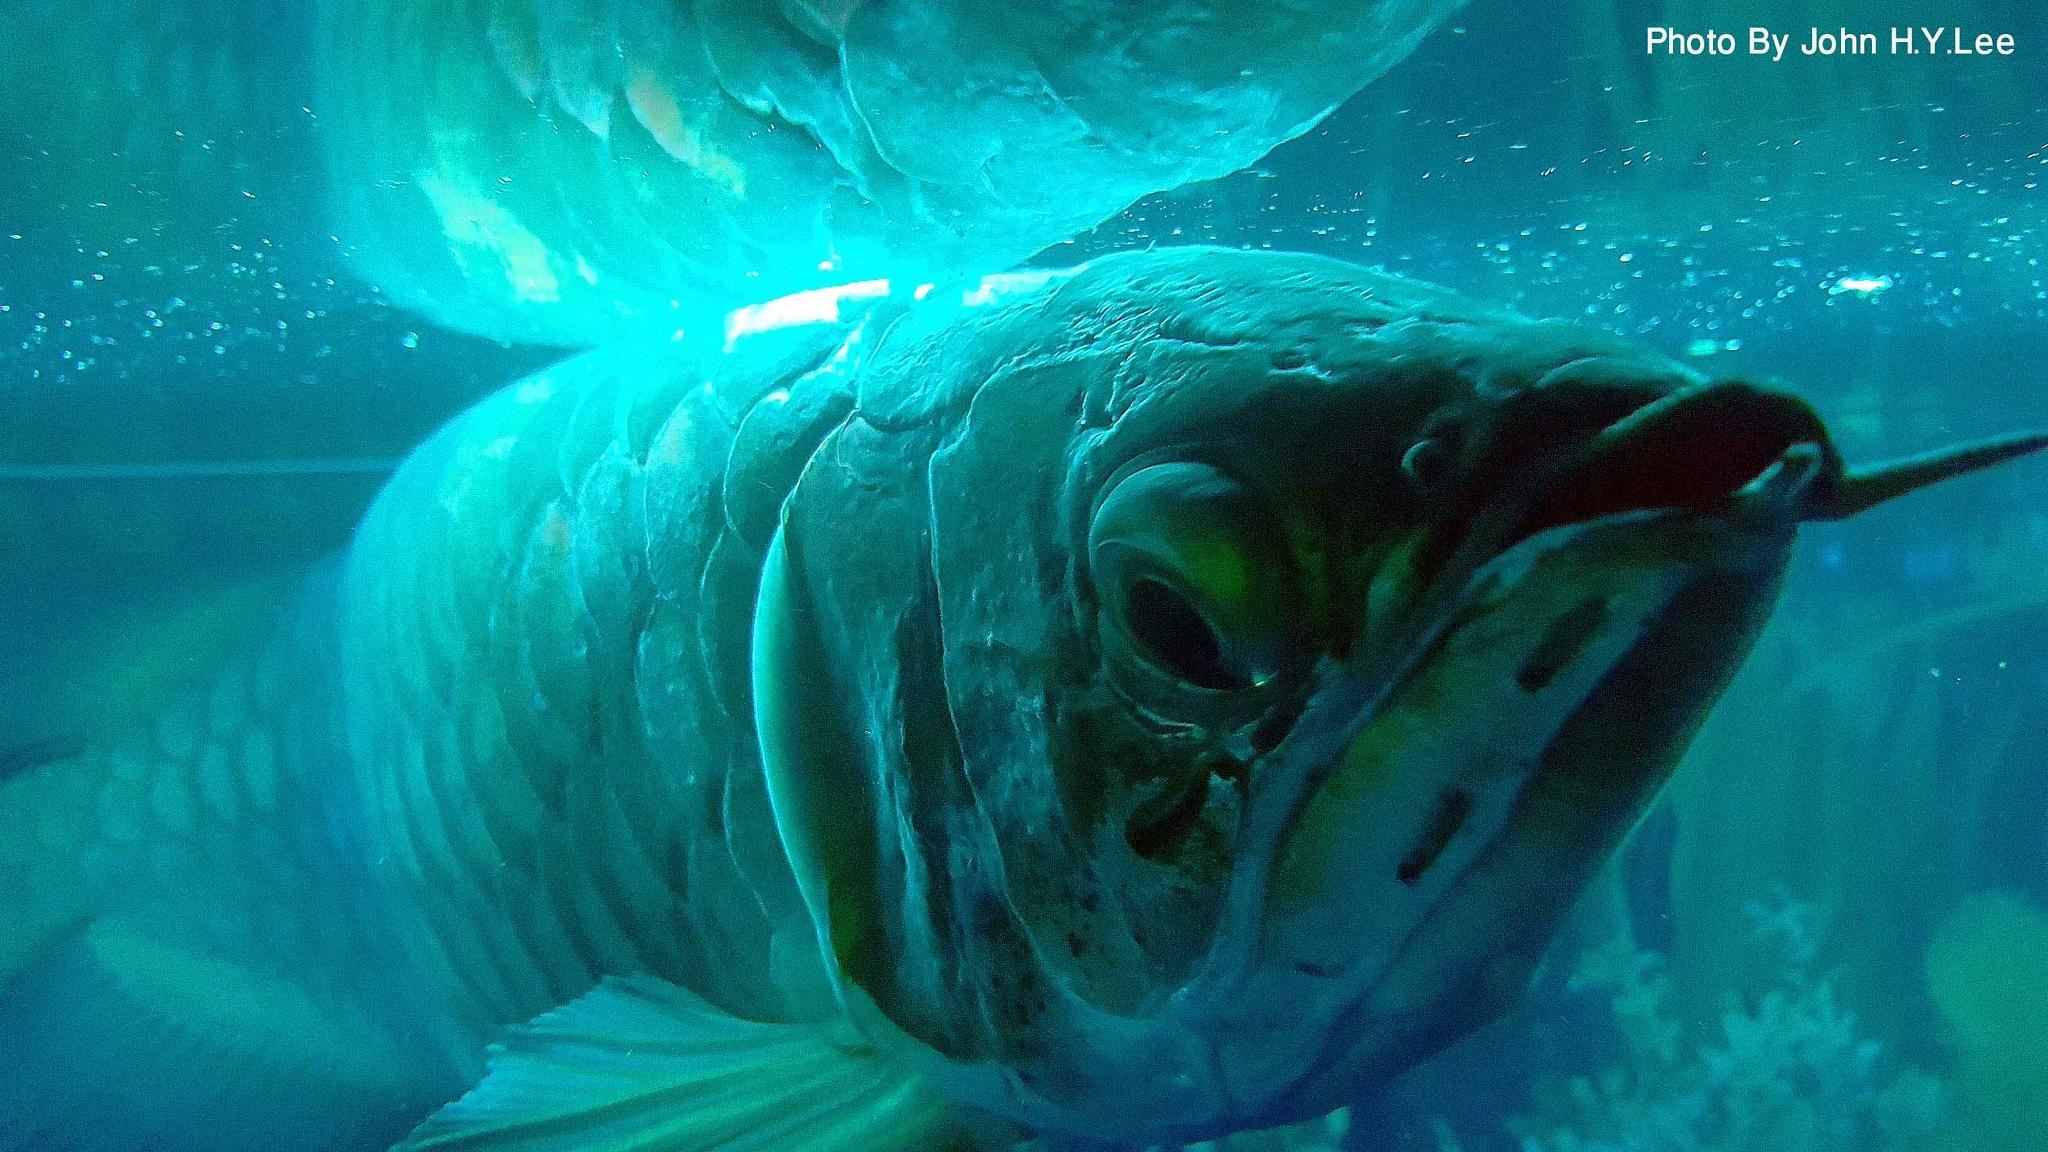 The Fishy Look by John H.Y.Lee